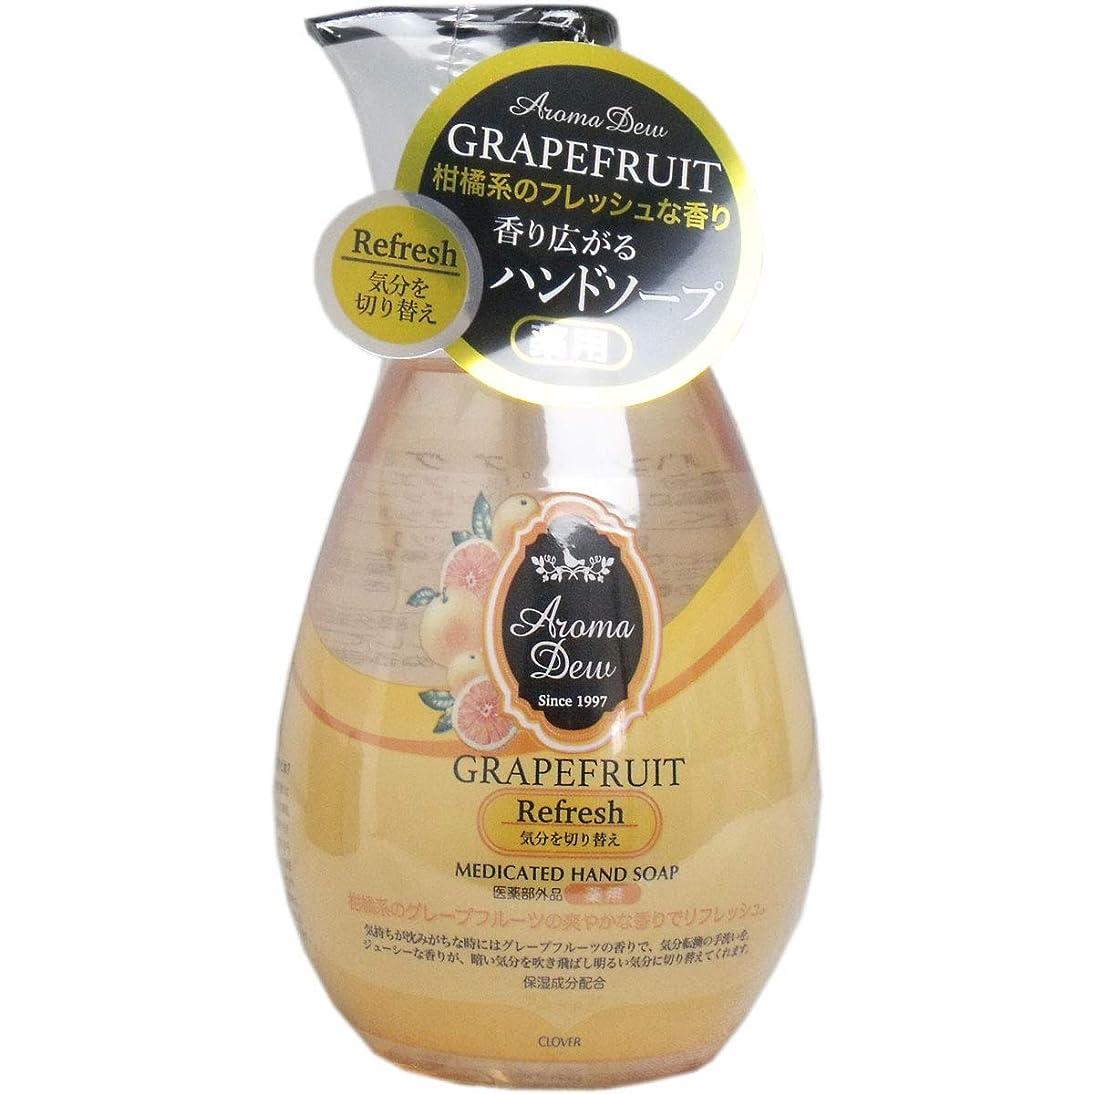 に対応蜜火山薬用アロマデュウ ハンドソープ グレープフルーツの香り 260mL×5個セット(管理番号 4901498104453)